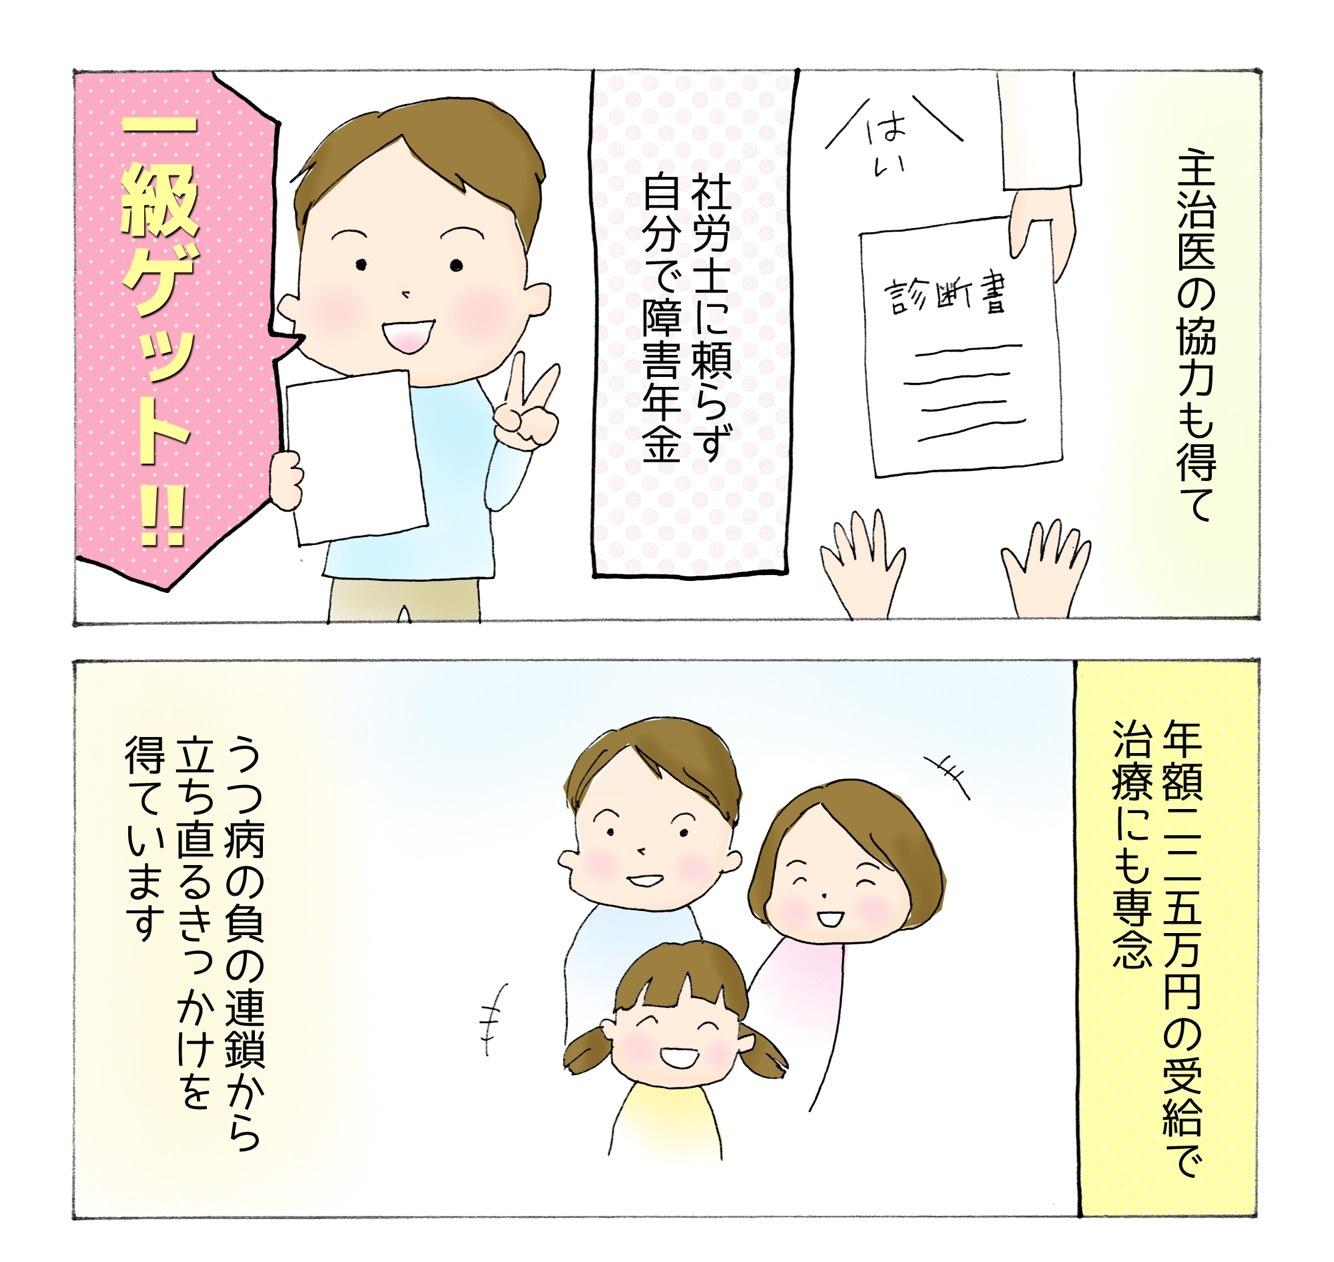 【うつ病障害年金漫画】障害年金を申請して1級を受給